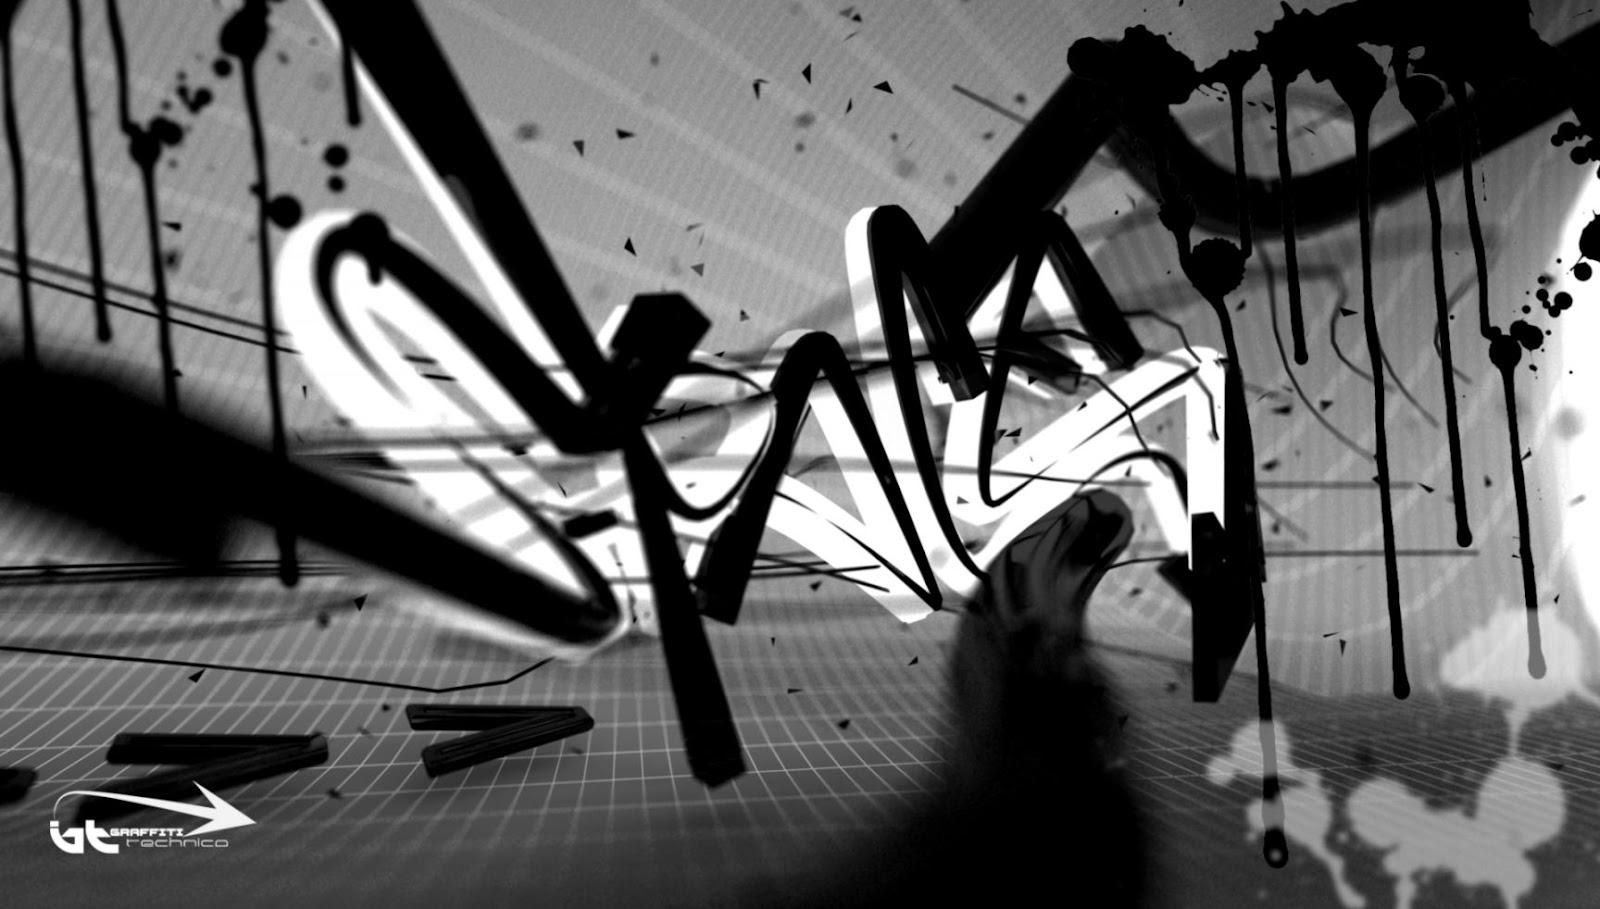 3d Graffiti Wallpapers Graffiti Sample